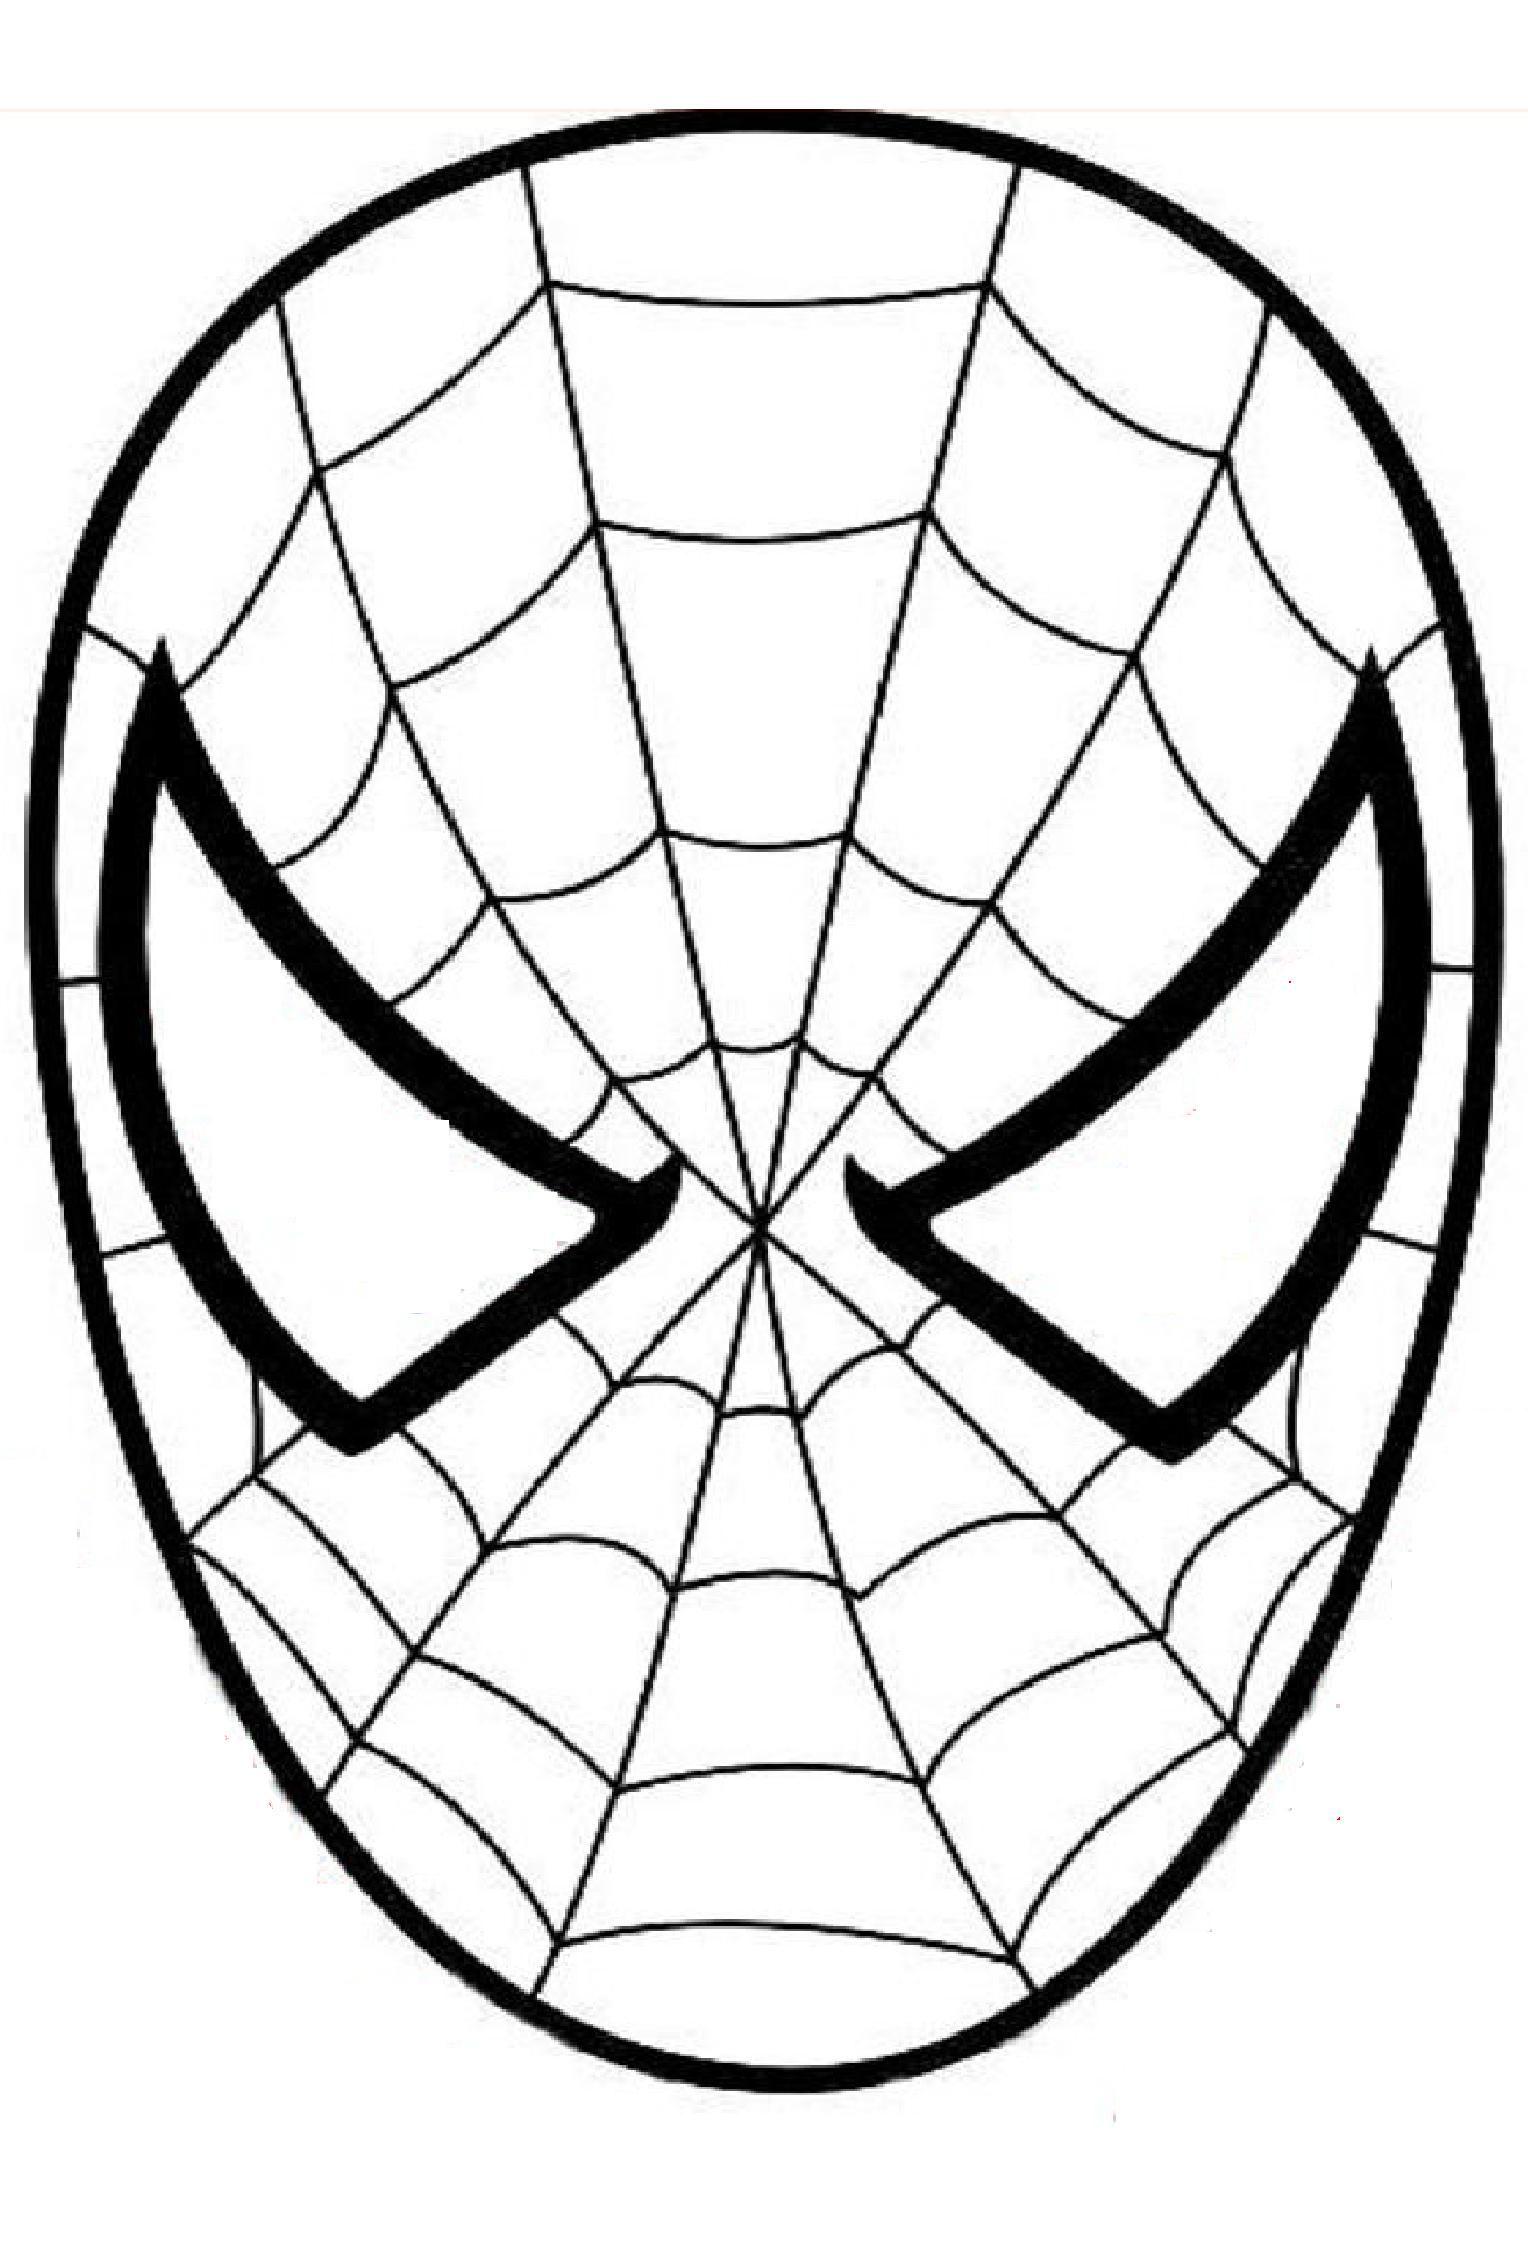 Masque Spiderman A Colorier Découpage A Imprimer Coloriage Dedans Tete Spiderman A Imprimer Coloriage Spiderman Dessin Spiderman Coloriage Masque